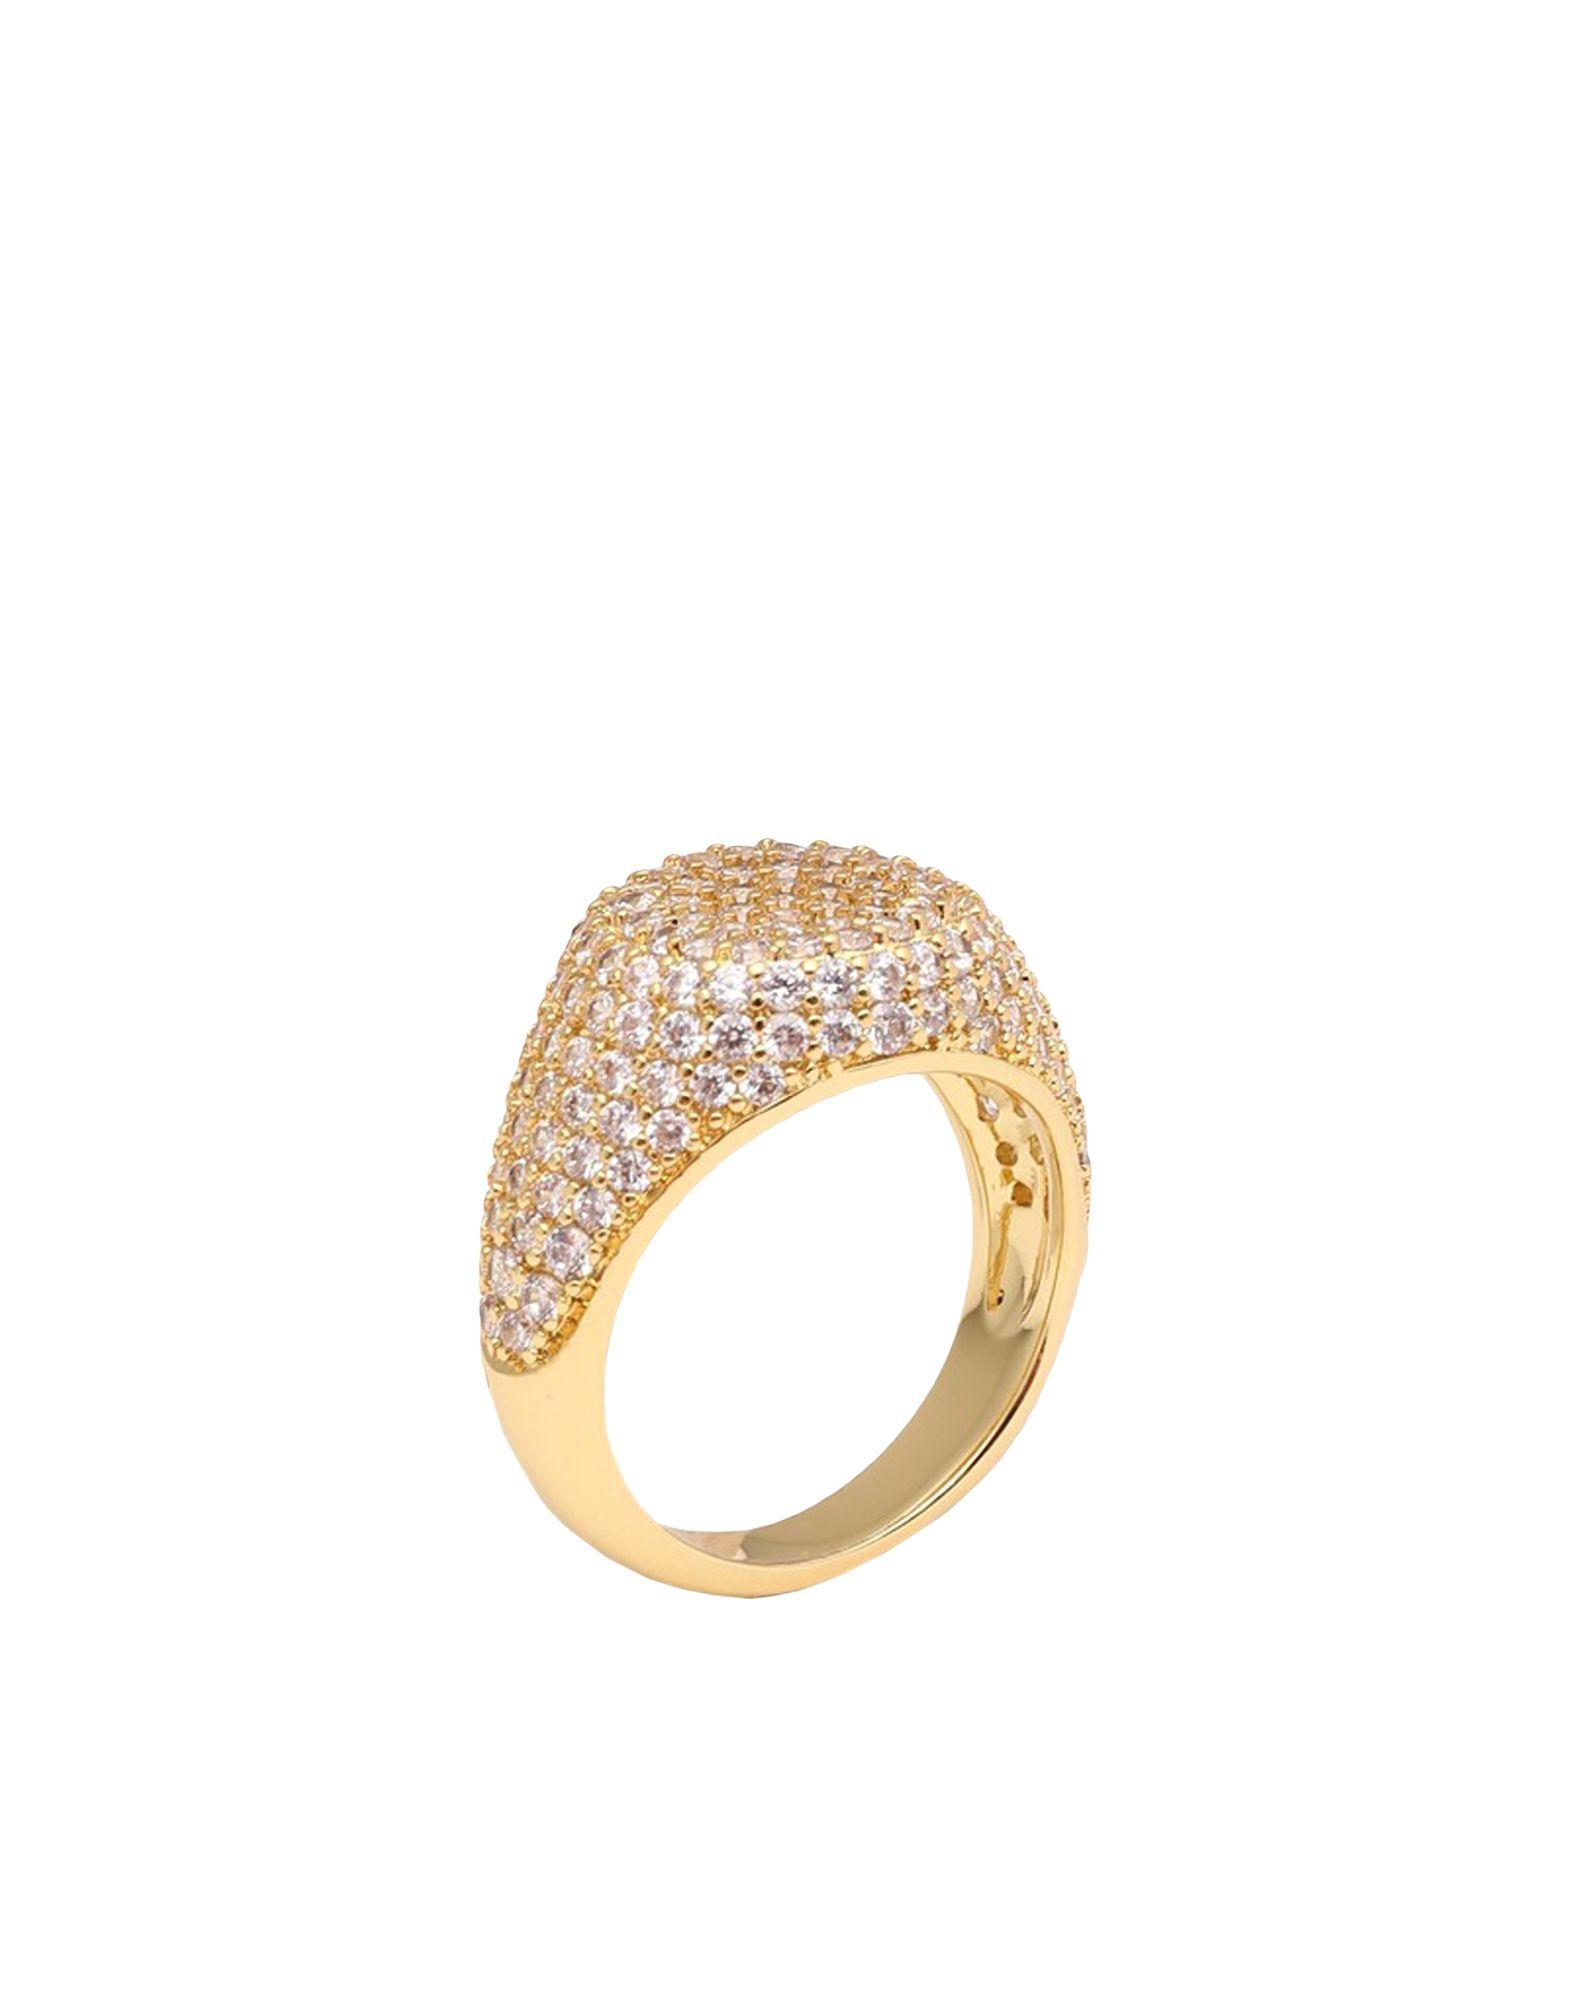 《セール開催中》LUV AJ レディース 指輪 ゴールド 5 真鍮/ブラス / クリスタル PAVE SIGNET RING